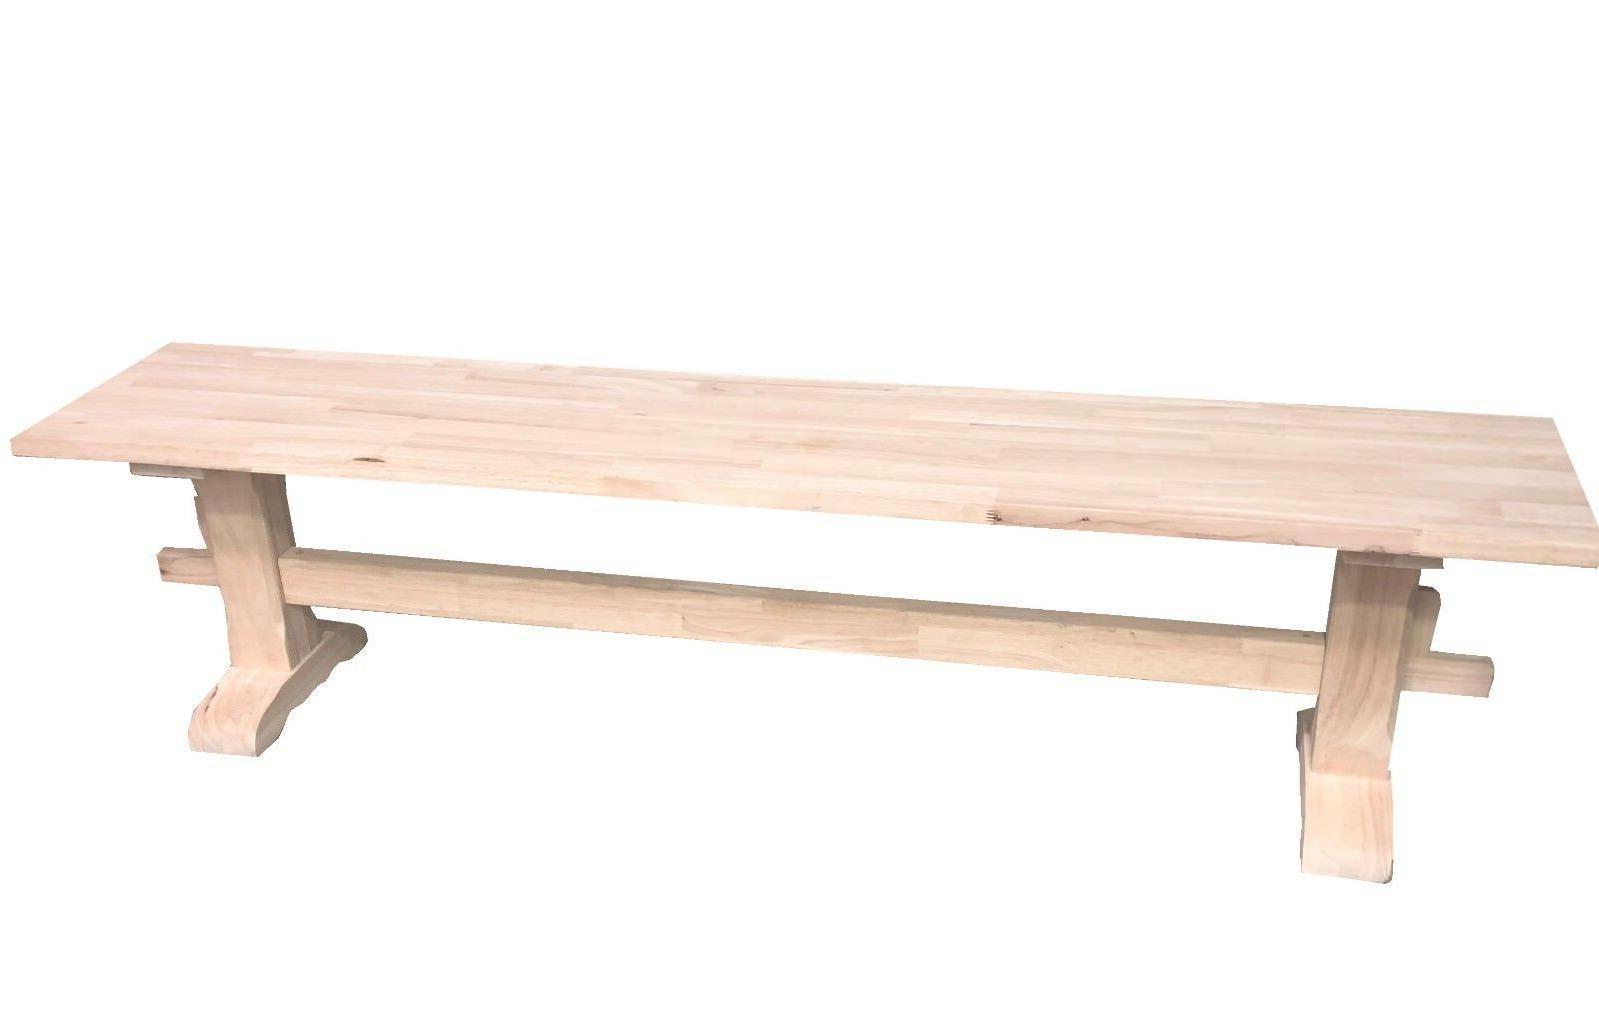 Unfinished Bench/Pedestal Bench